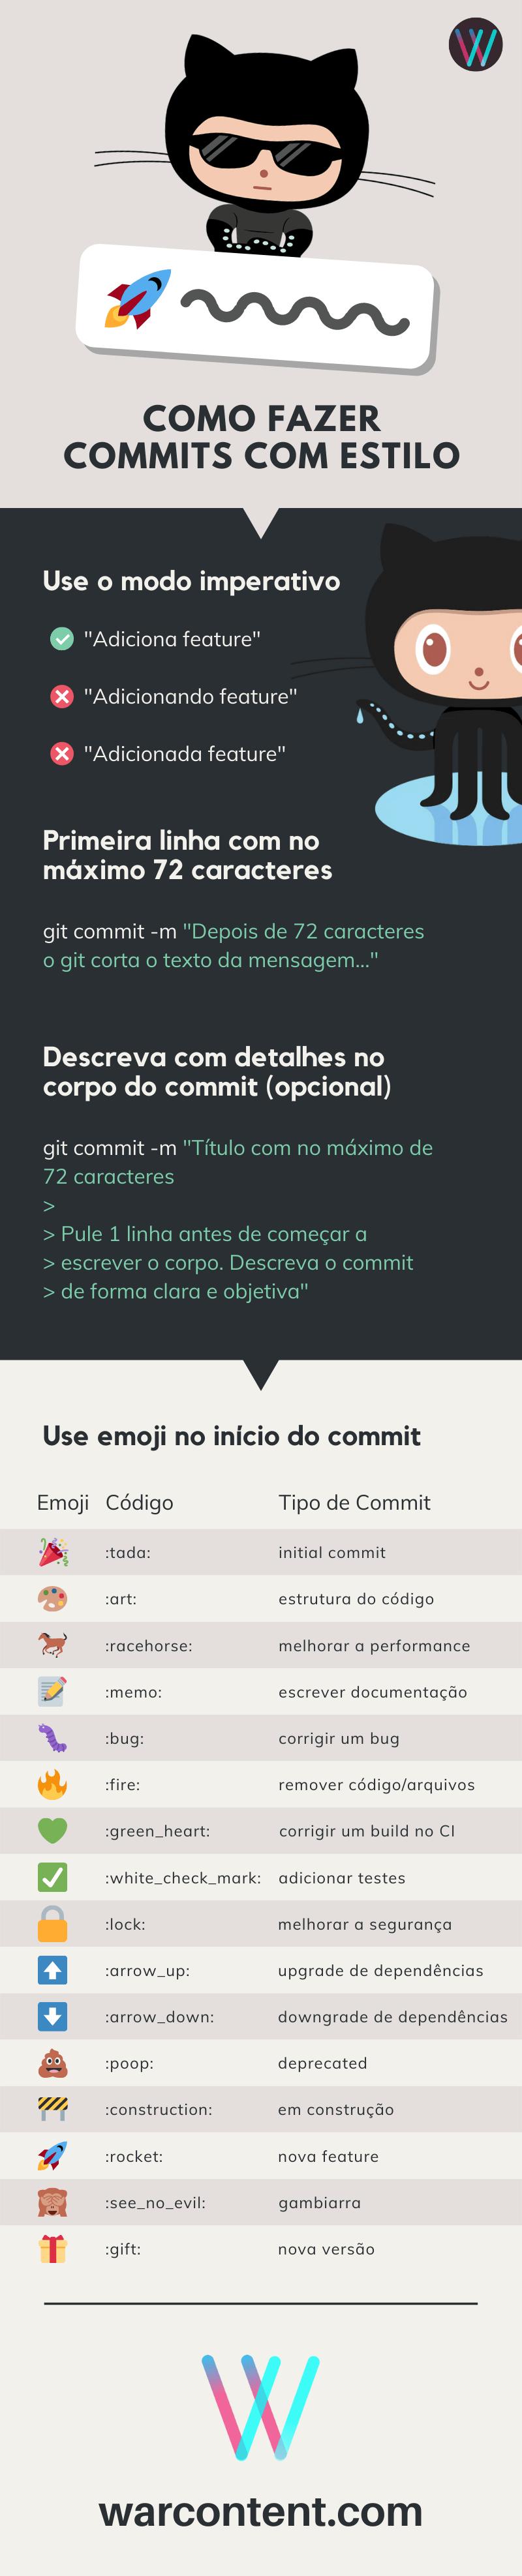 Infográfico como escrever um commit  com estilo